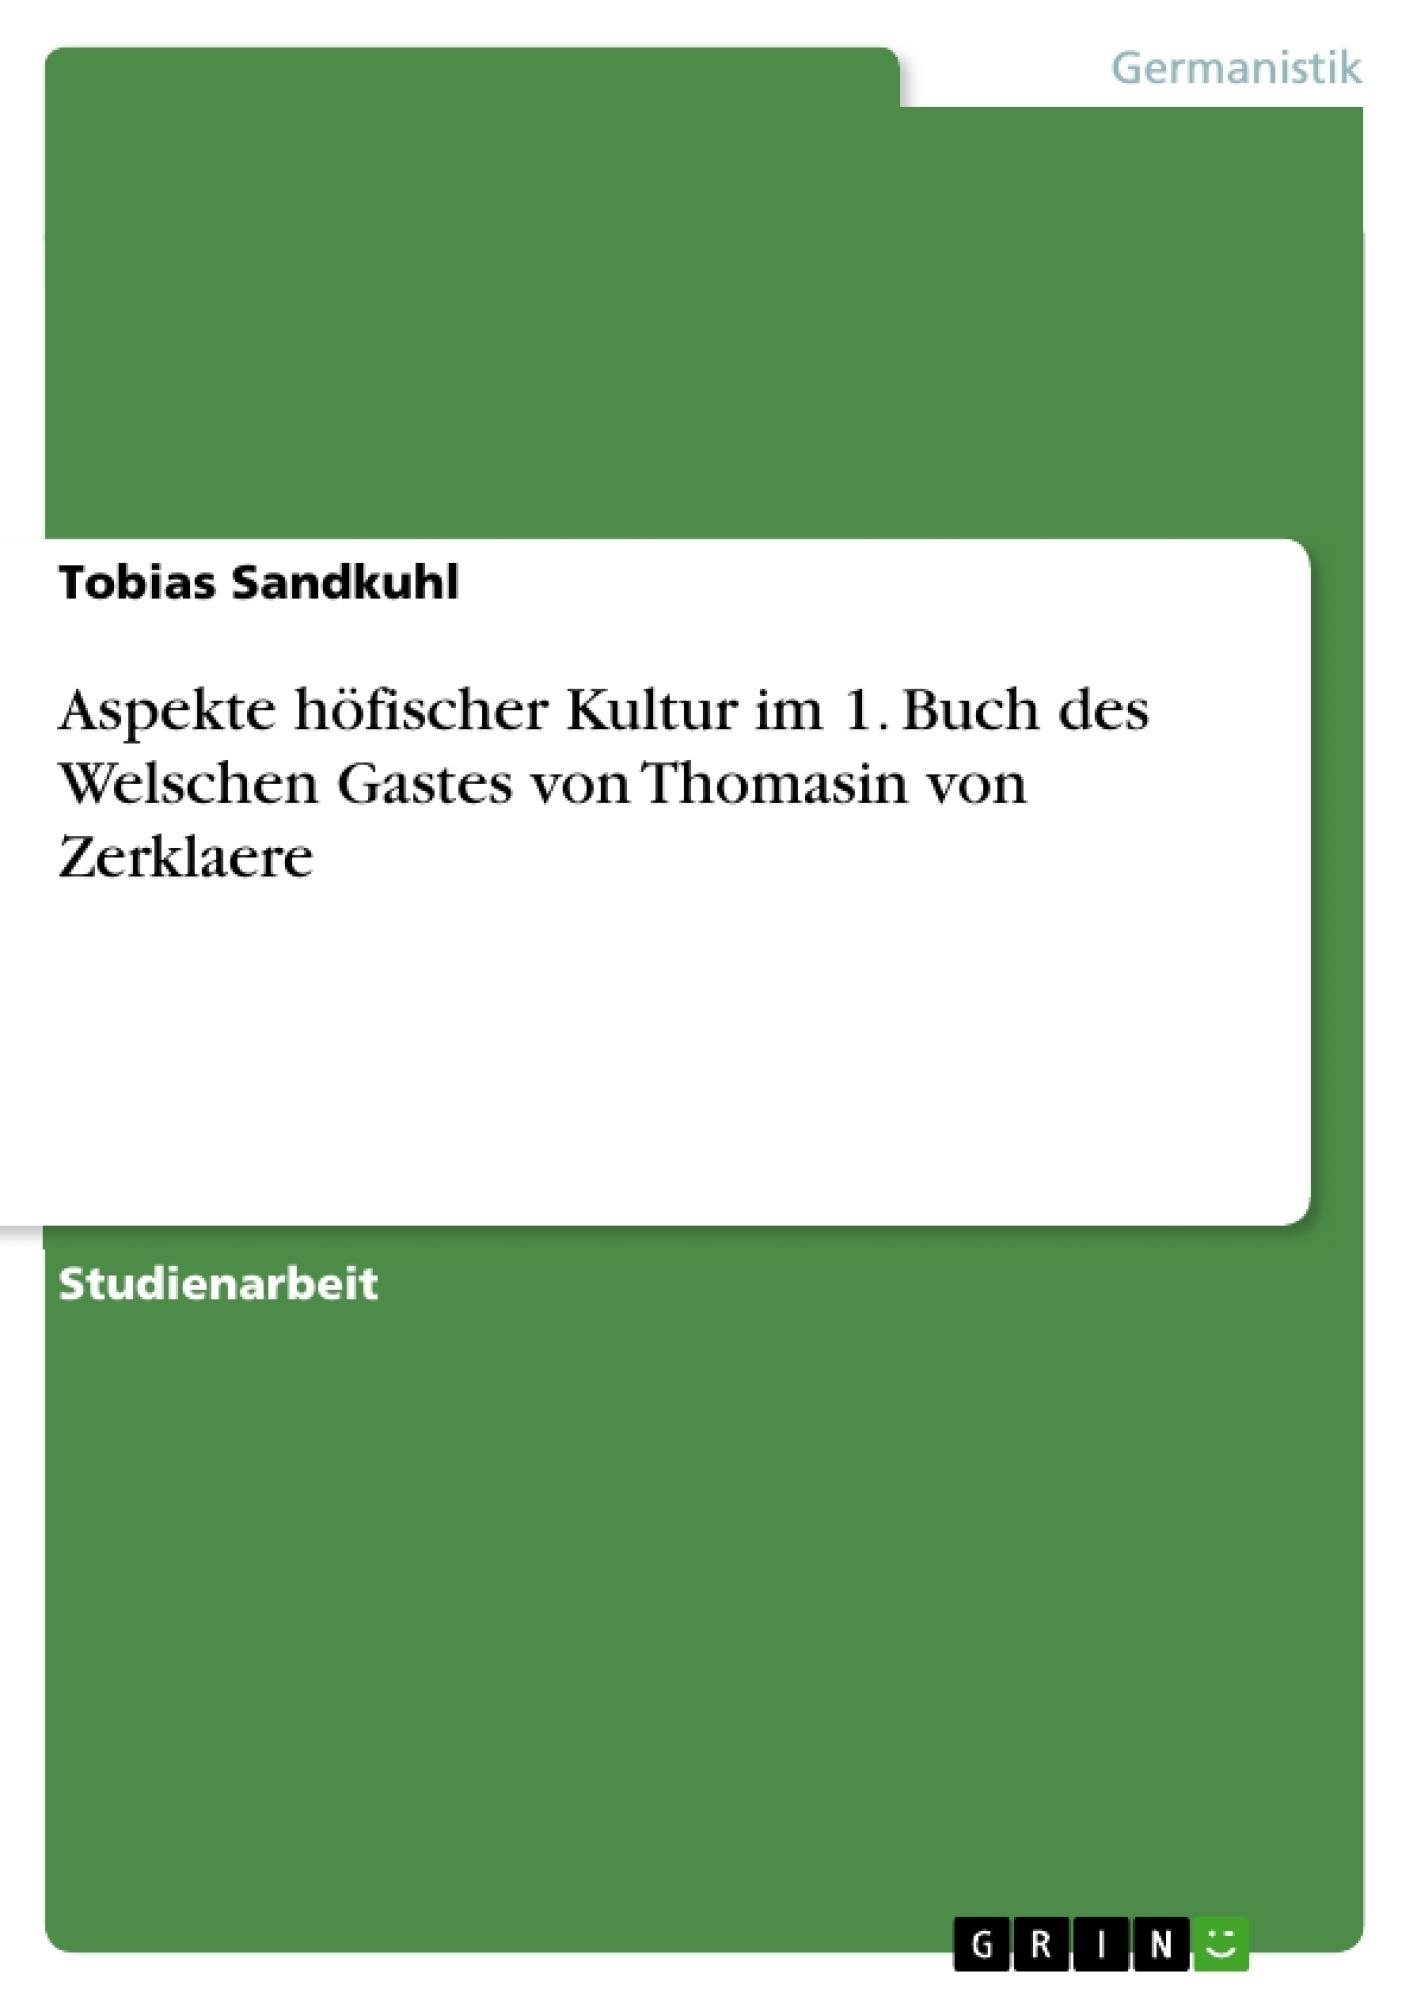 Titel: Aspekte höfischer Kultur im 1. Buch des Welschen Gastes von Thomasin von Zerklaere